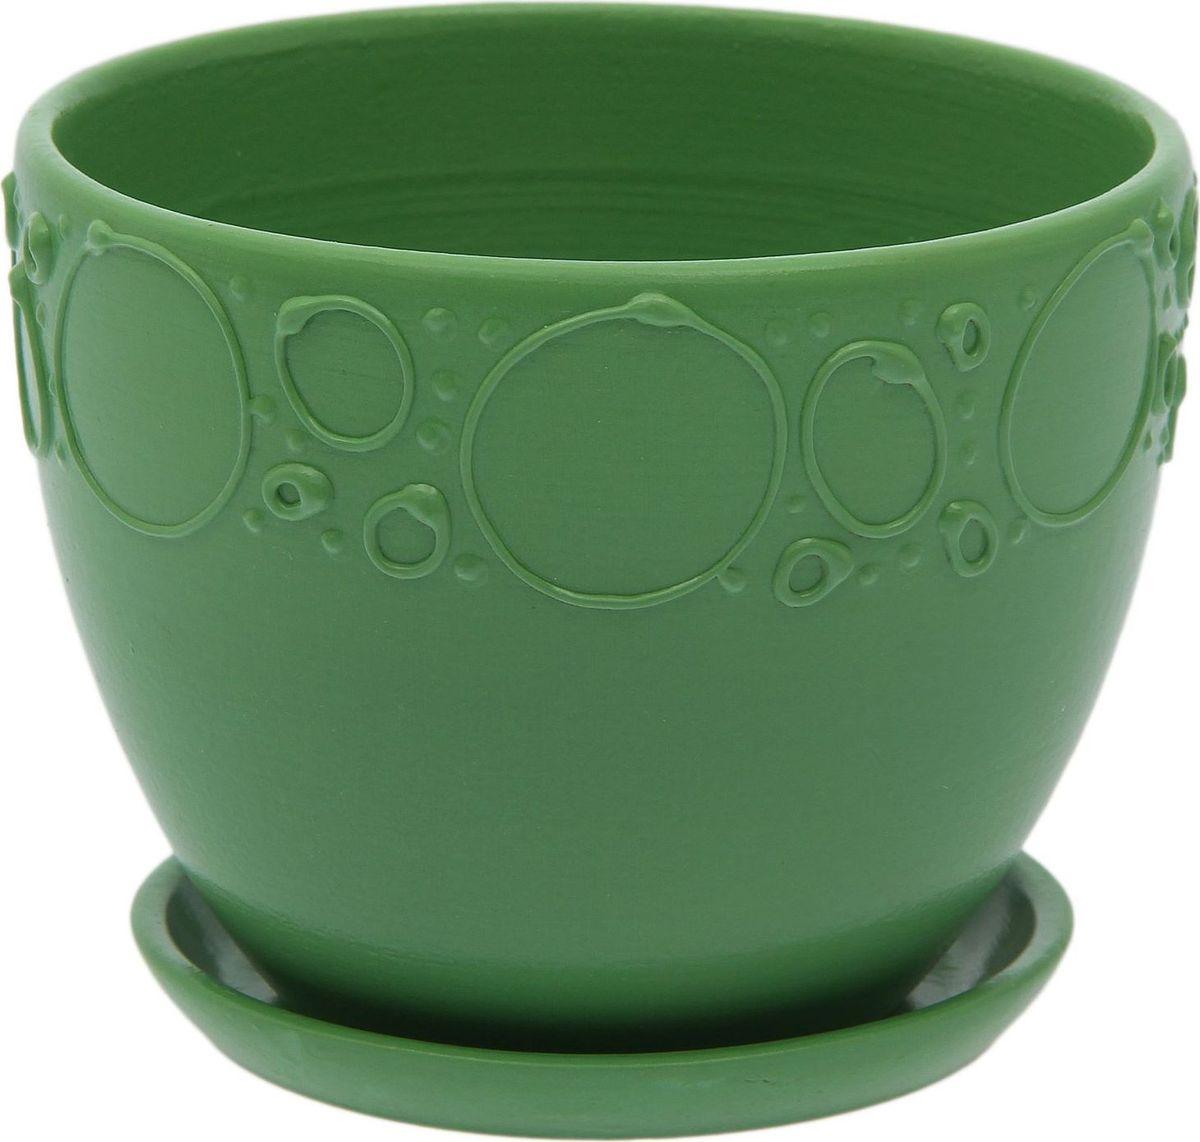 Кашпо Пузыри, цвет: зеленый, 1,5 л2015529Комнатные растения — всеобщие любимцы. Они радуют глаз, насыщают помещение кислородом и украшают пространство. Каждому из них необходим свой удобный и красивый дом. Кашпо из керамики прекрасно подходят для высадки растений: за счёт пластичности глины и разных способов обработки существует великое множество форм и дизайновпористый материал позволяет испаряться лишней влагевоздух, необходимый для дыхания корней, проникает сквозь керамические стенки! #name# позаботится о зелёном питомце, освежит интерьер и подчеркнёт его стиль.